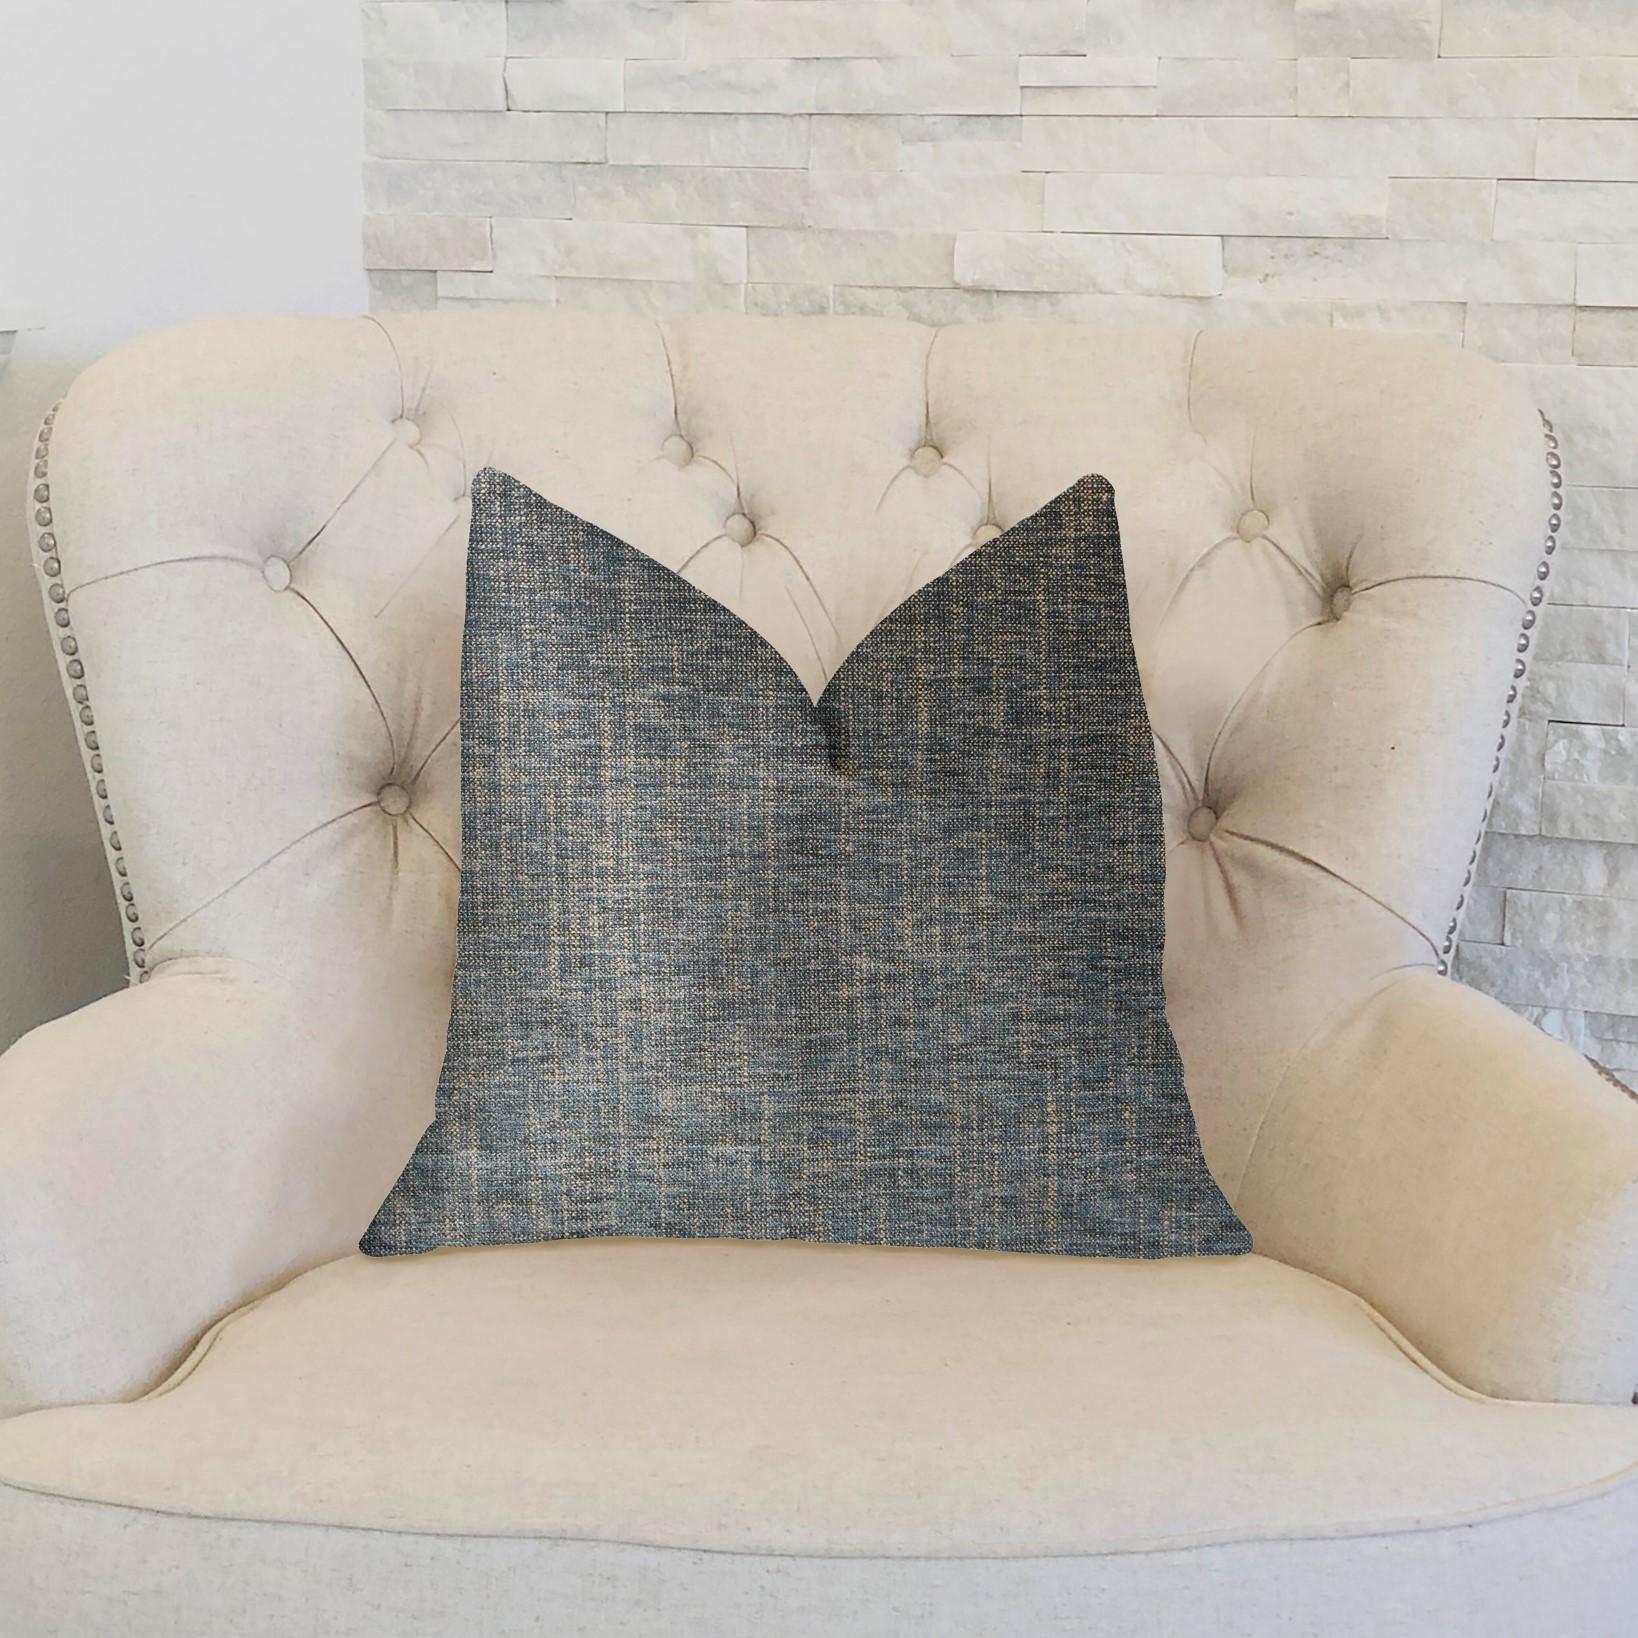 Plutus Pista o Emerald Grün Luxury Throw Pillow - Double sided  12 x 20